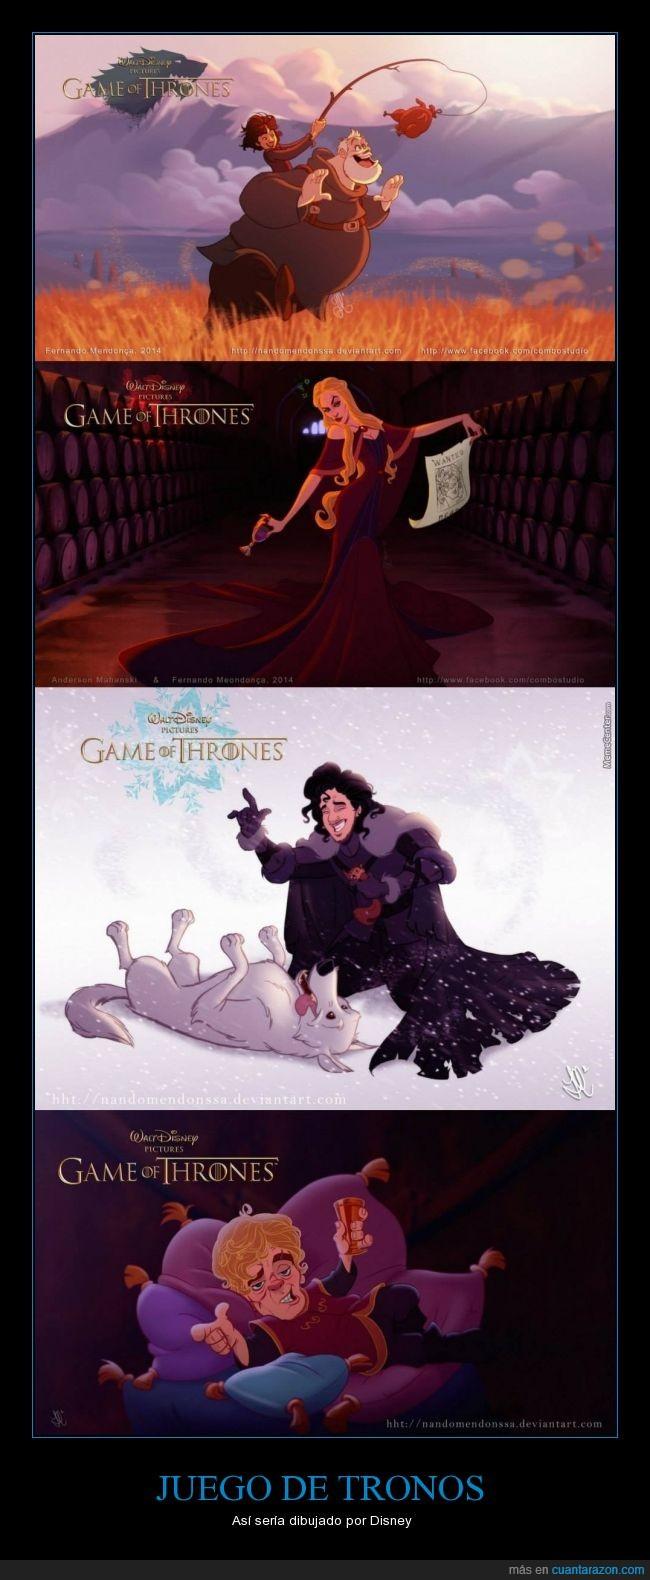 bran,cersei,disney,fantasma,hodor,jon,juego de tronos,personajes,tyrion